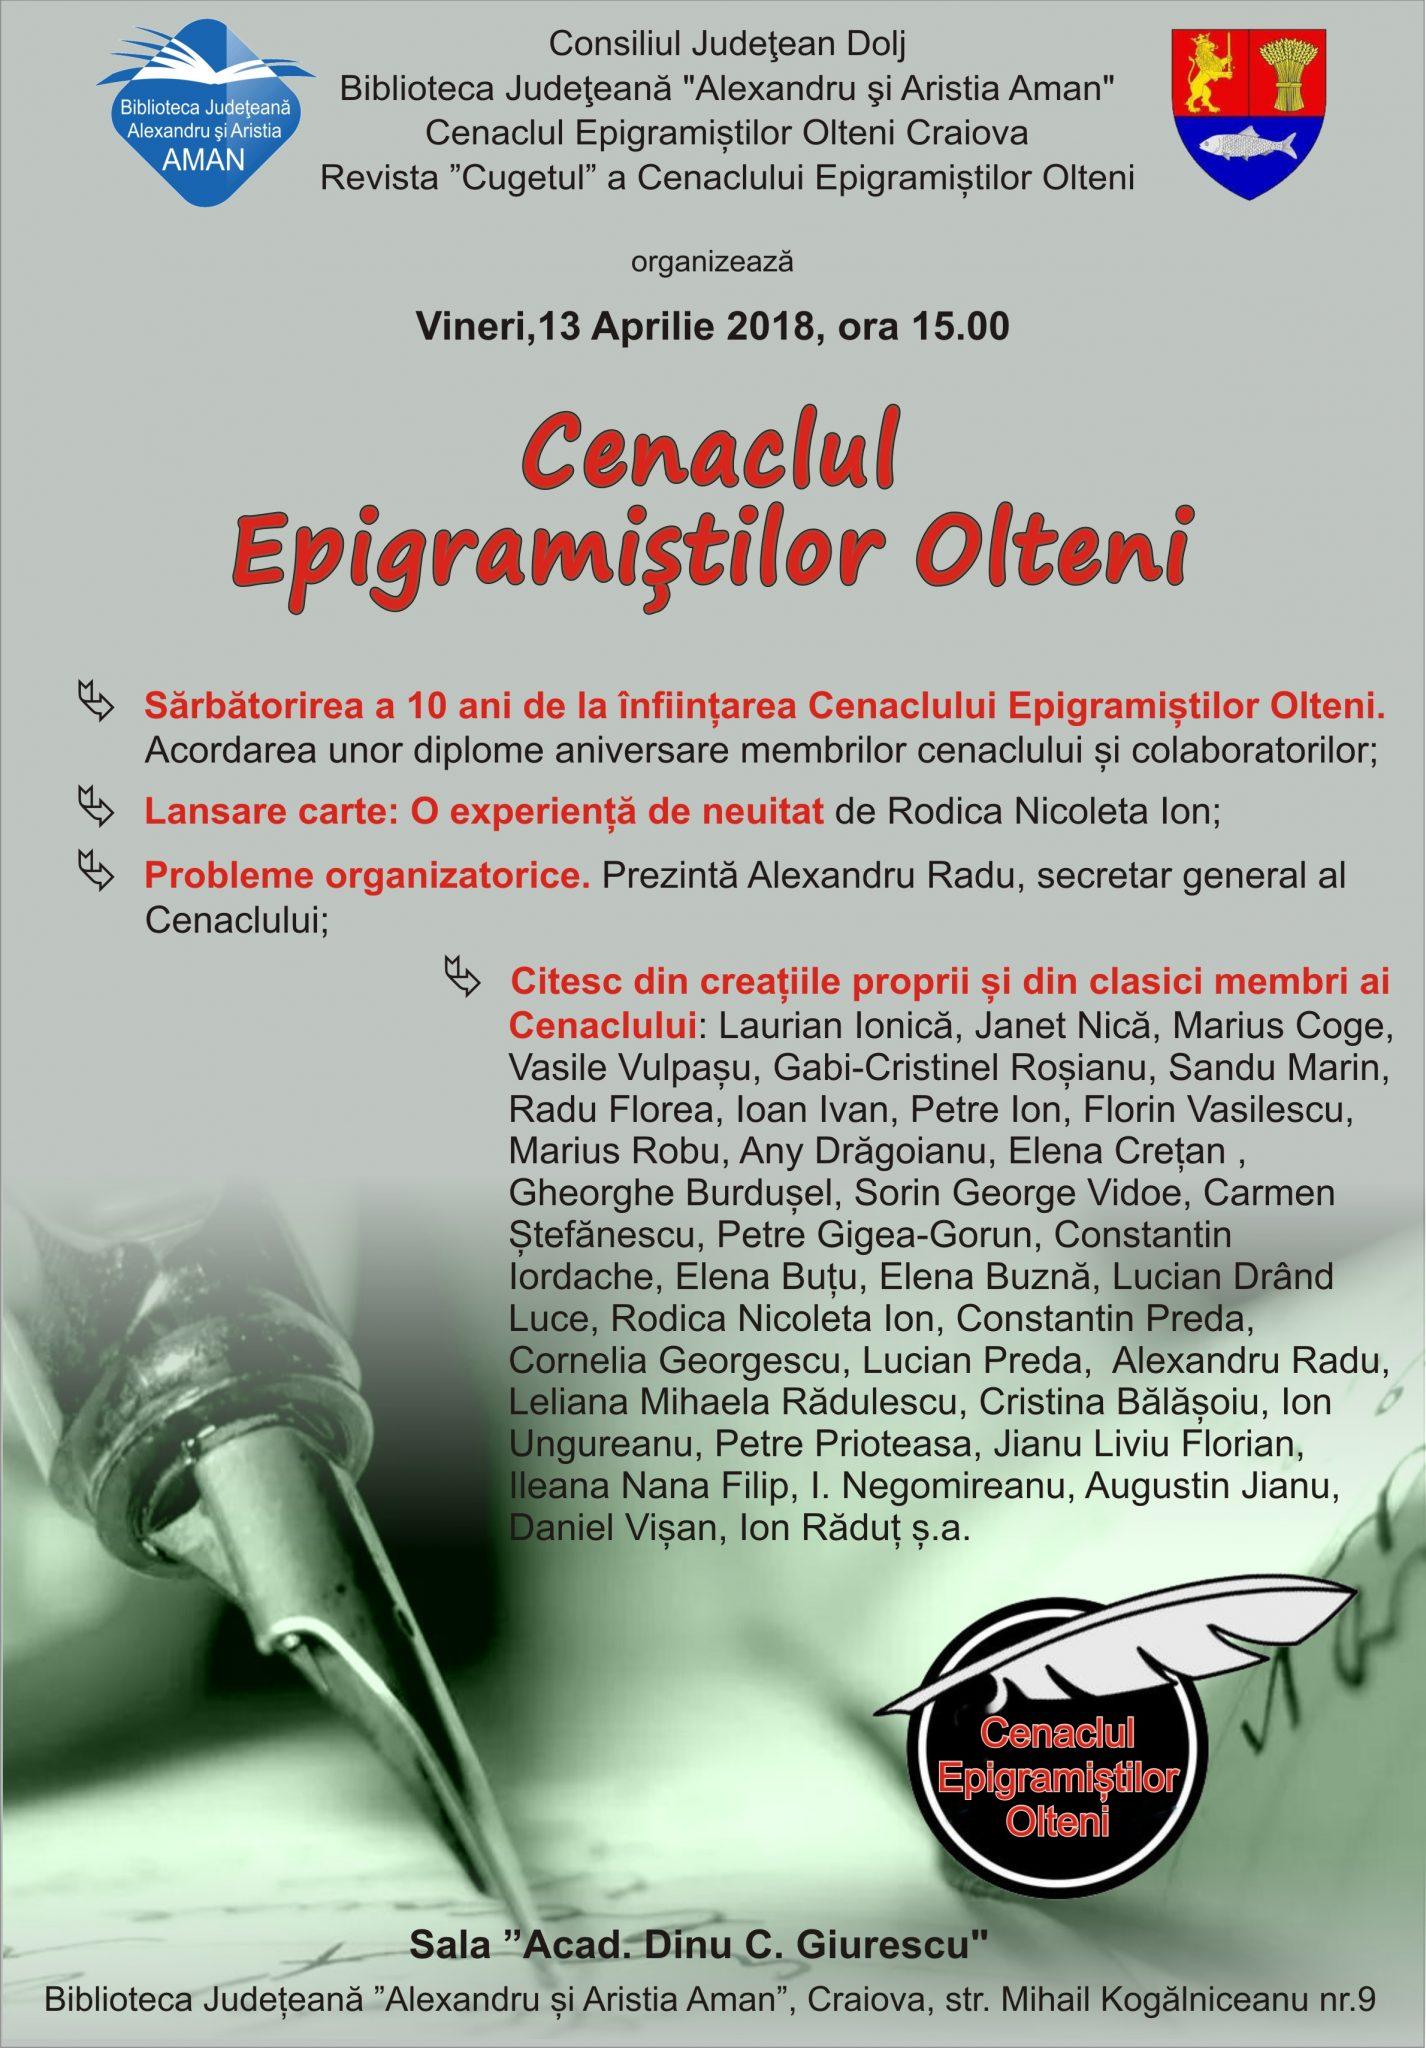 Craiova: Ședința lunară a Cenaclului Epigramiștilor Olteni, la Biblioteca Aman